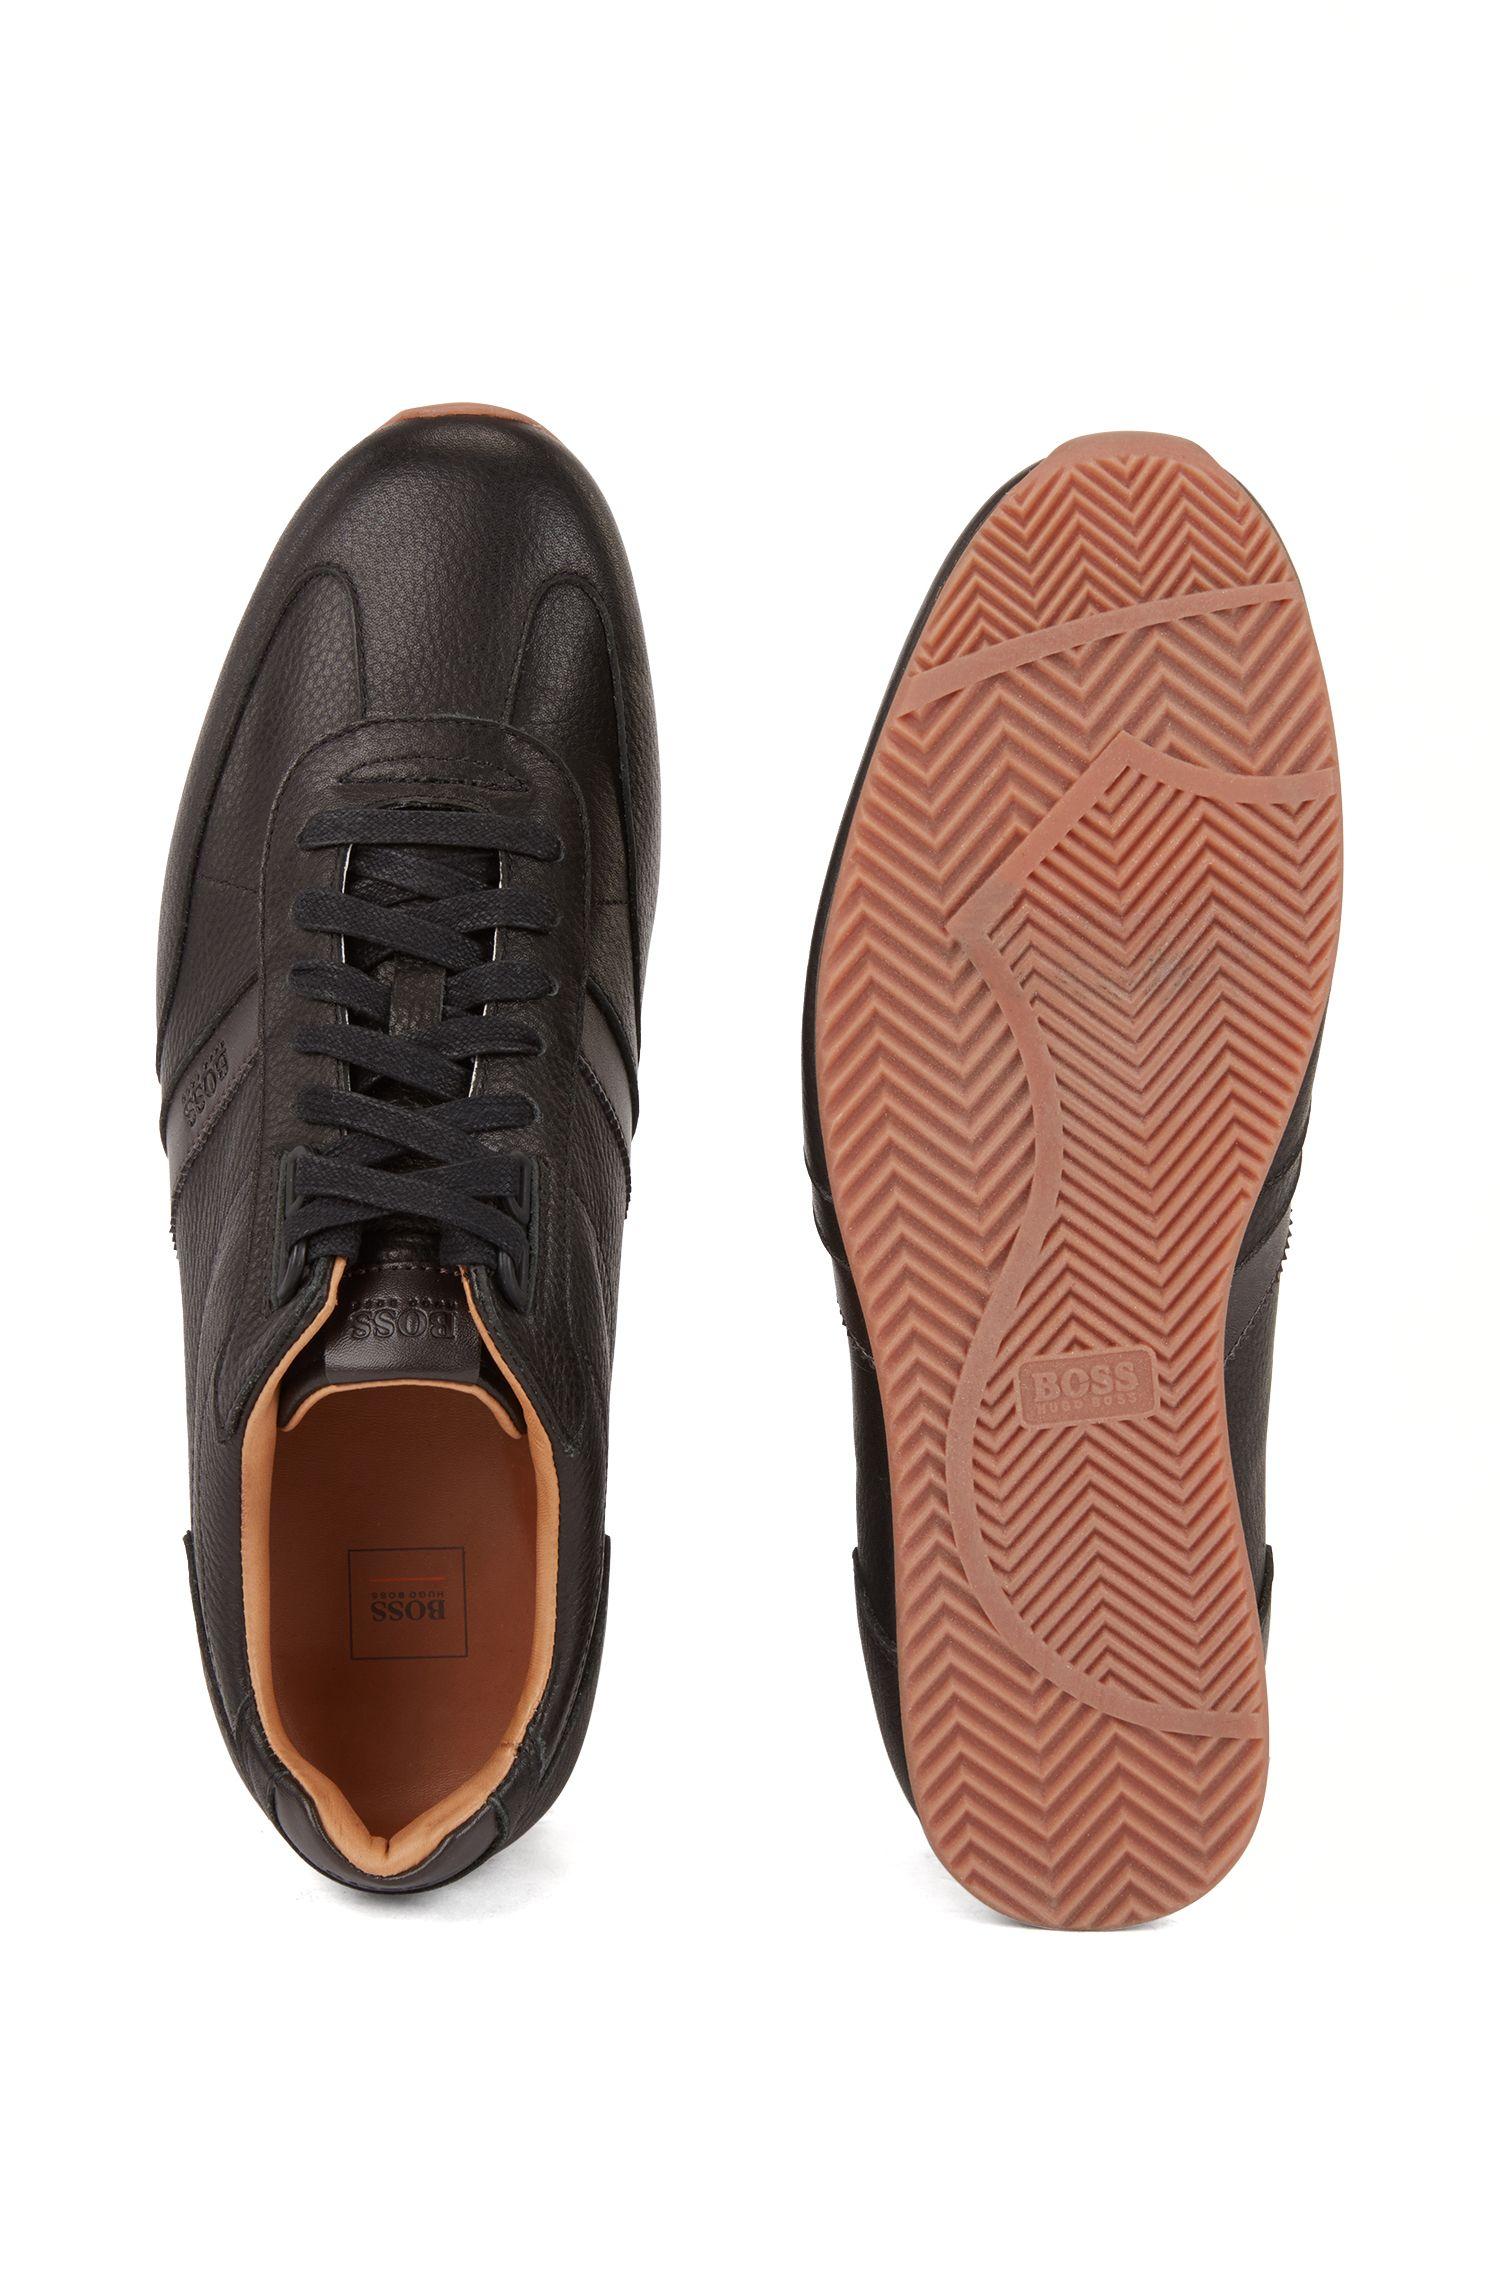 Baskets basses en cuir foulonné avec détail logo, Noir